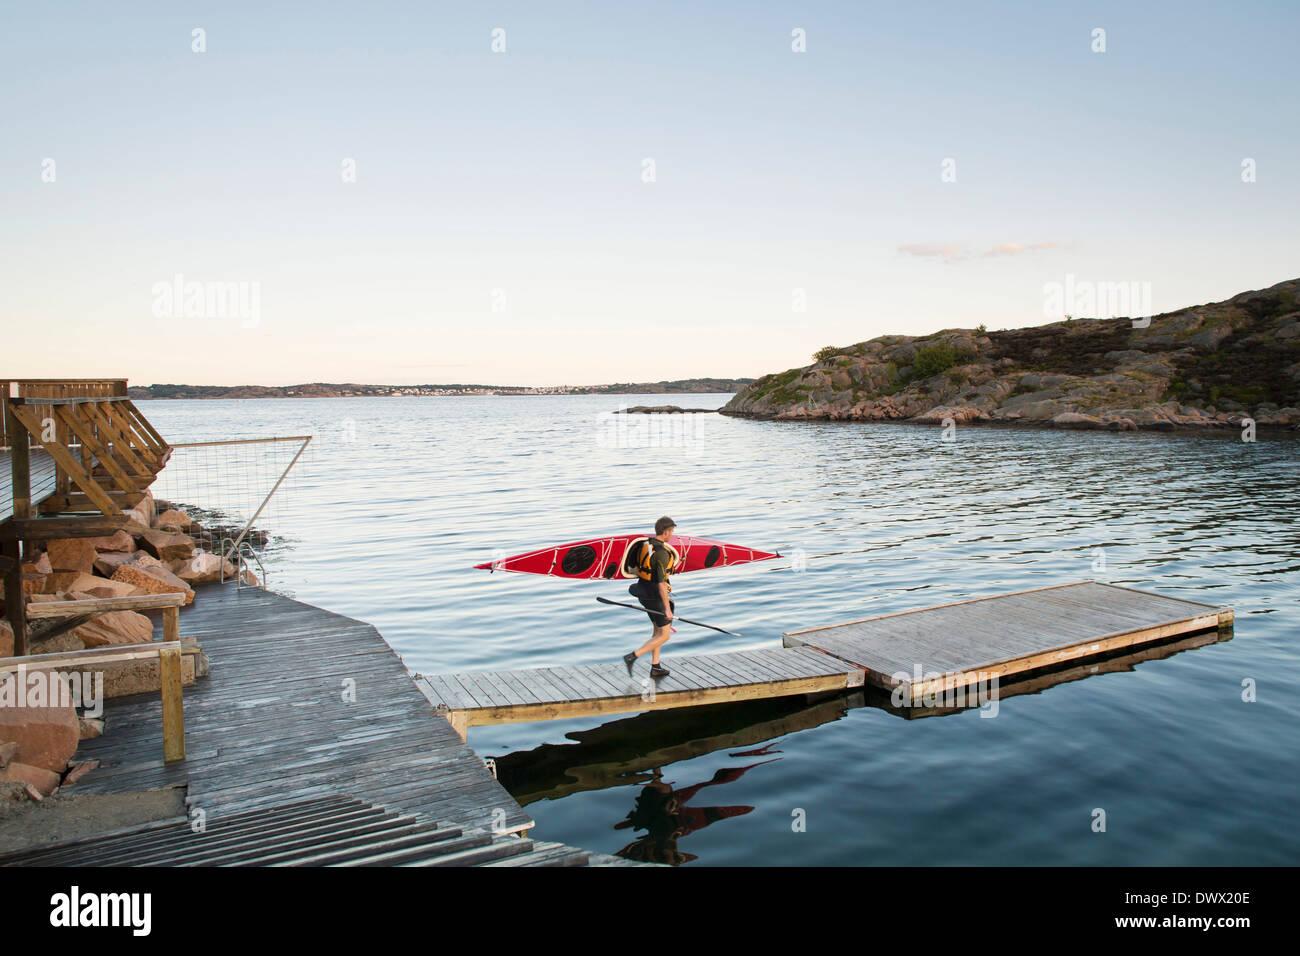 Gesamte Länge der Mann trägt Kajak während des Gehens auf Pier Fluss Stockbild